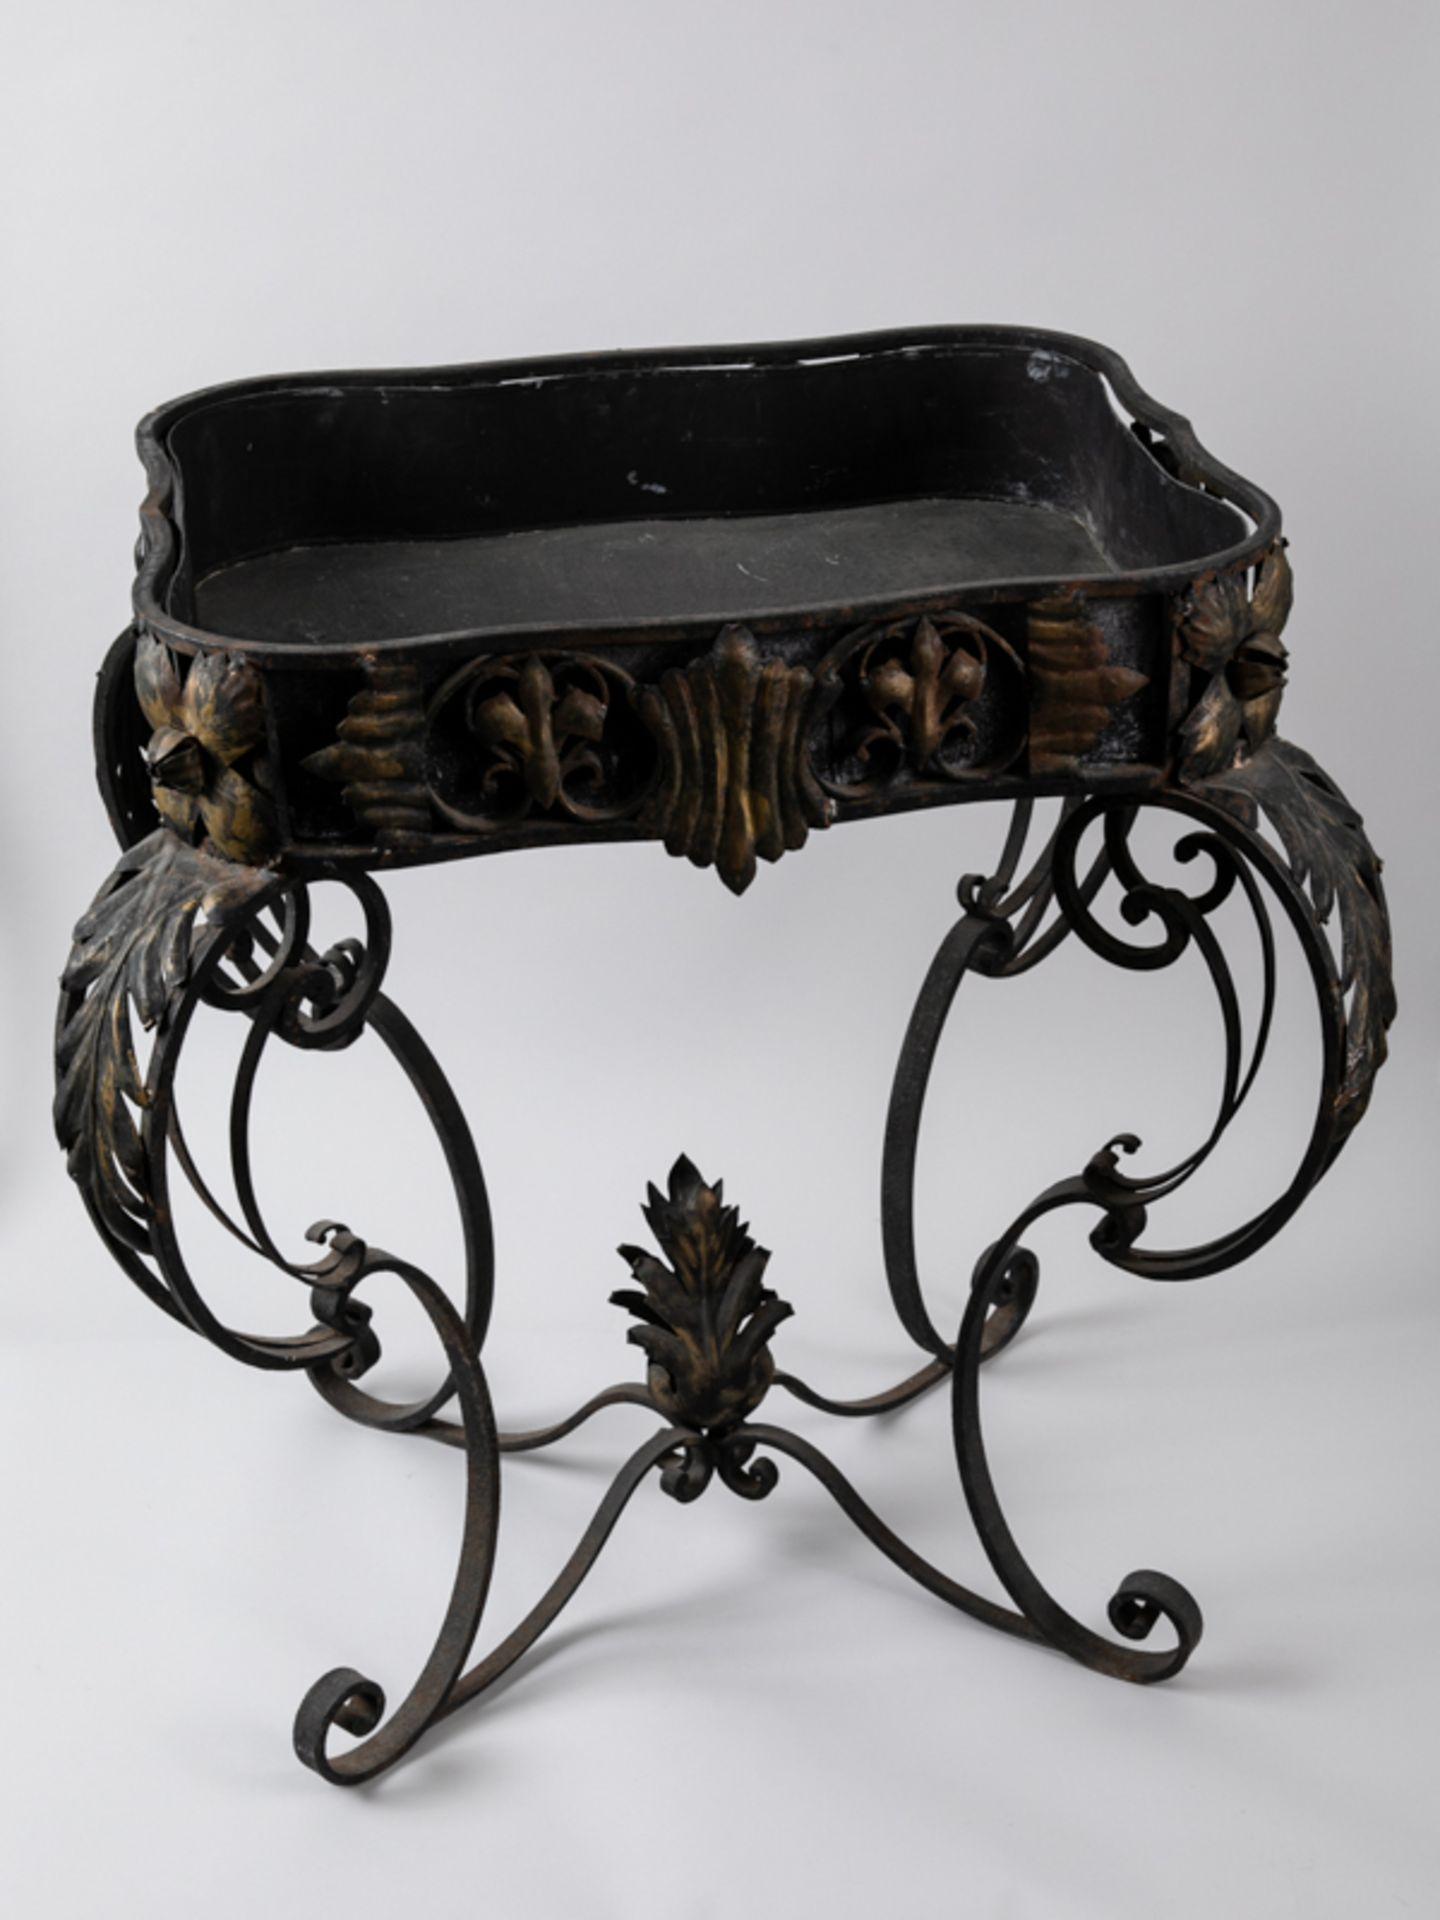 Blumen- bzw. Konsoltisch im Barockstil, 2. Hälfte 20. Jh. Eisengestell mit Holzplatte, Metall - Bild 2 aus 6